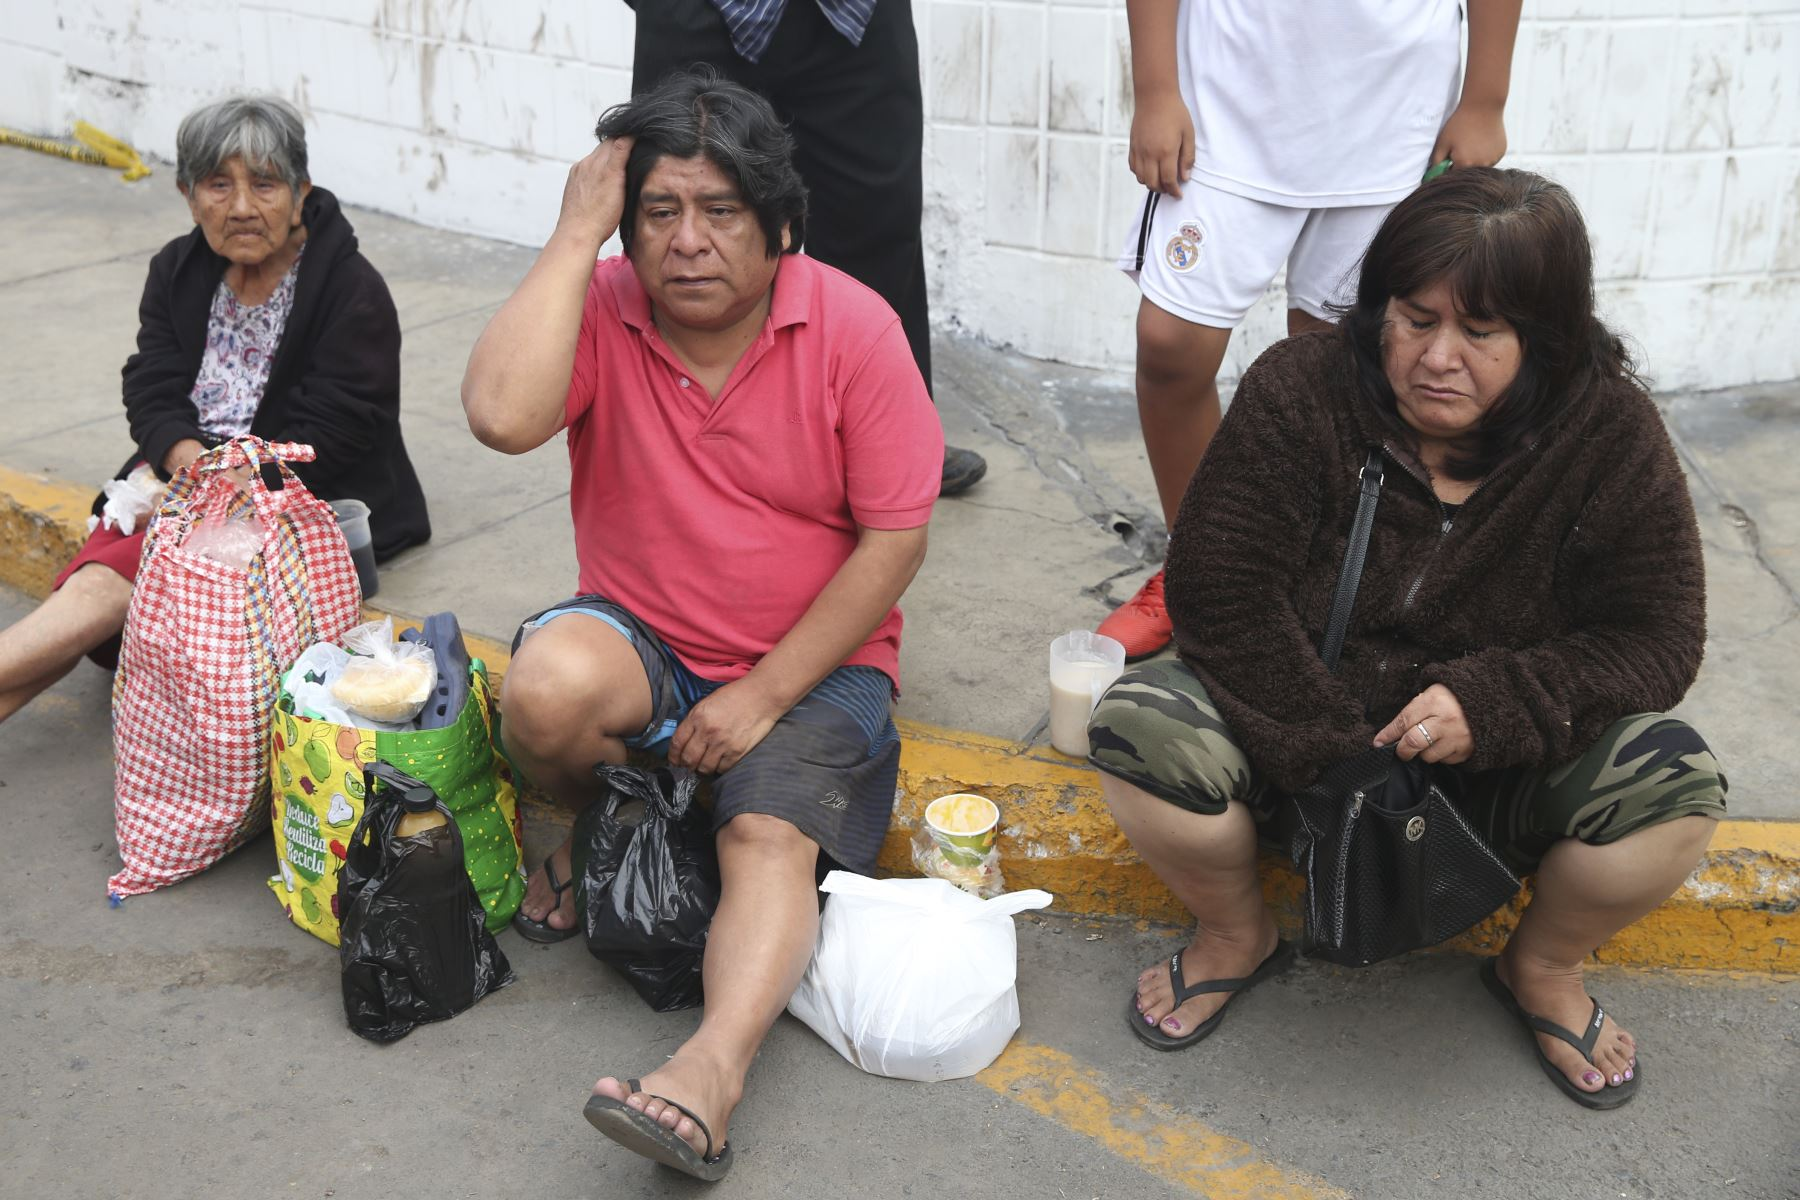 Luz Barrios de Mesías (79) y su hijo, Alejandro Mesías Barrios (50) pudieron salir ilesos gracias a la rápida acción de los bomberos. Foto: ANDINA/Jhonel Rodríguez Robles